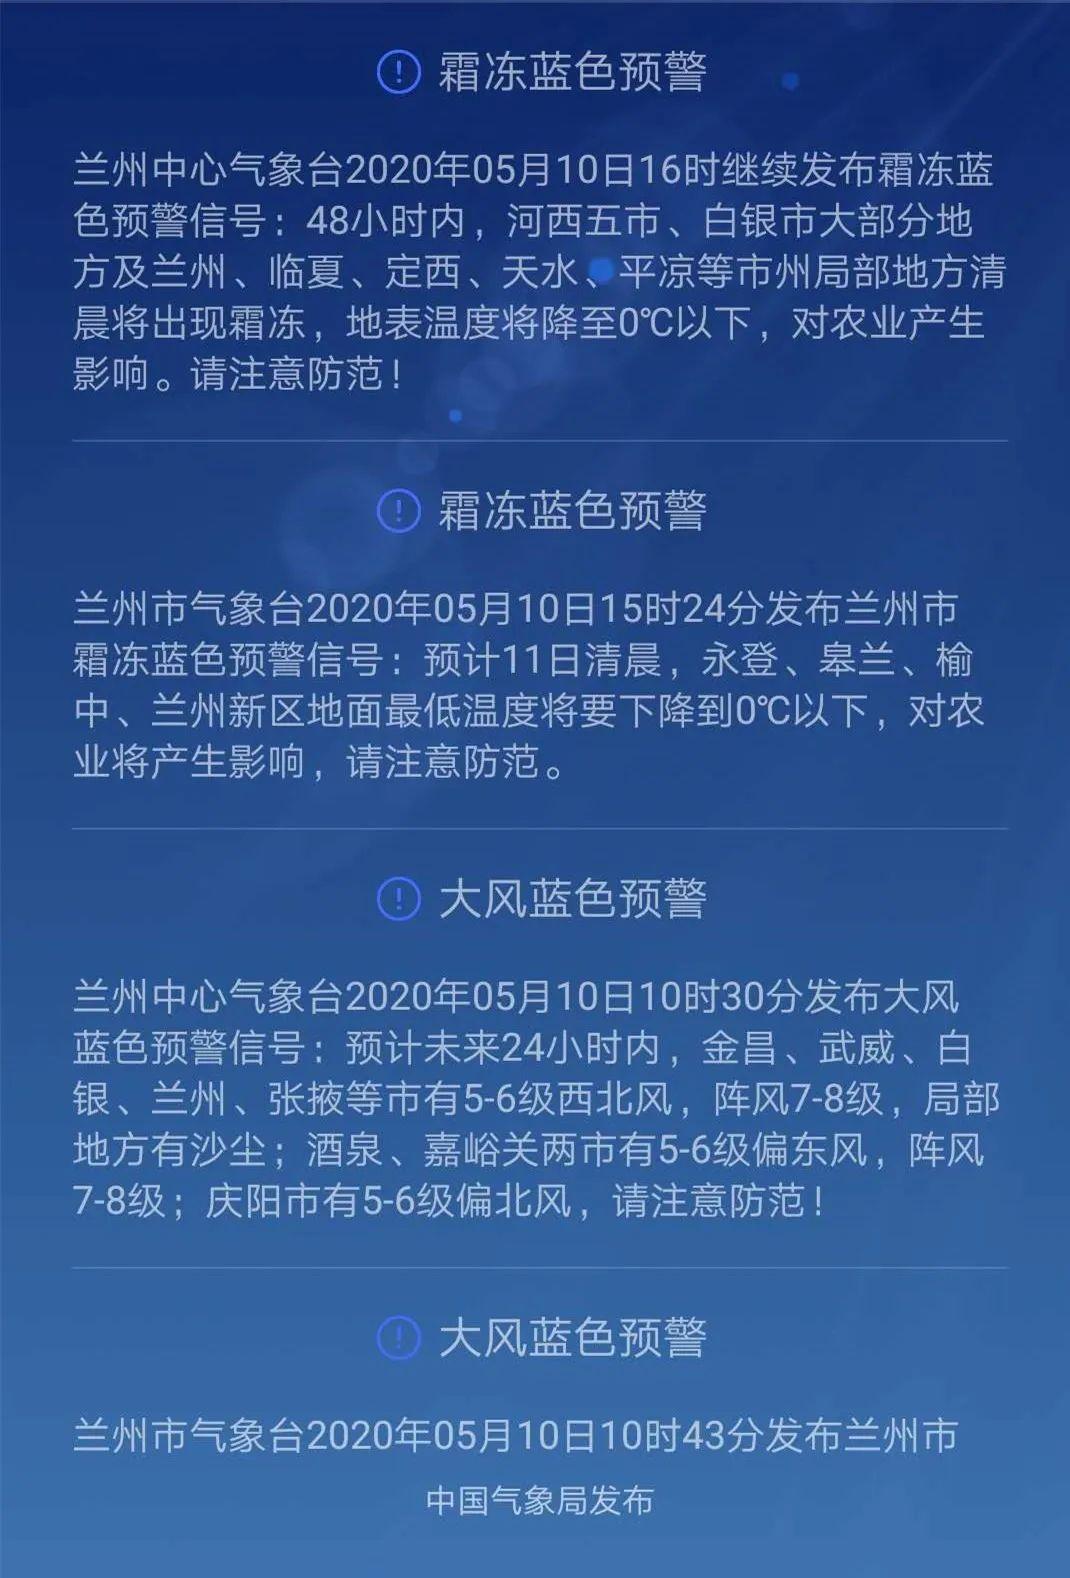 武汉彩票合买微信群:温度和湿度:按拼音首字母查询